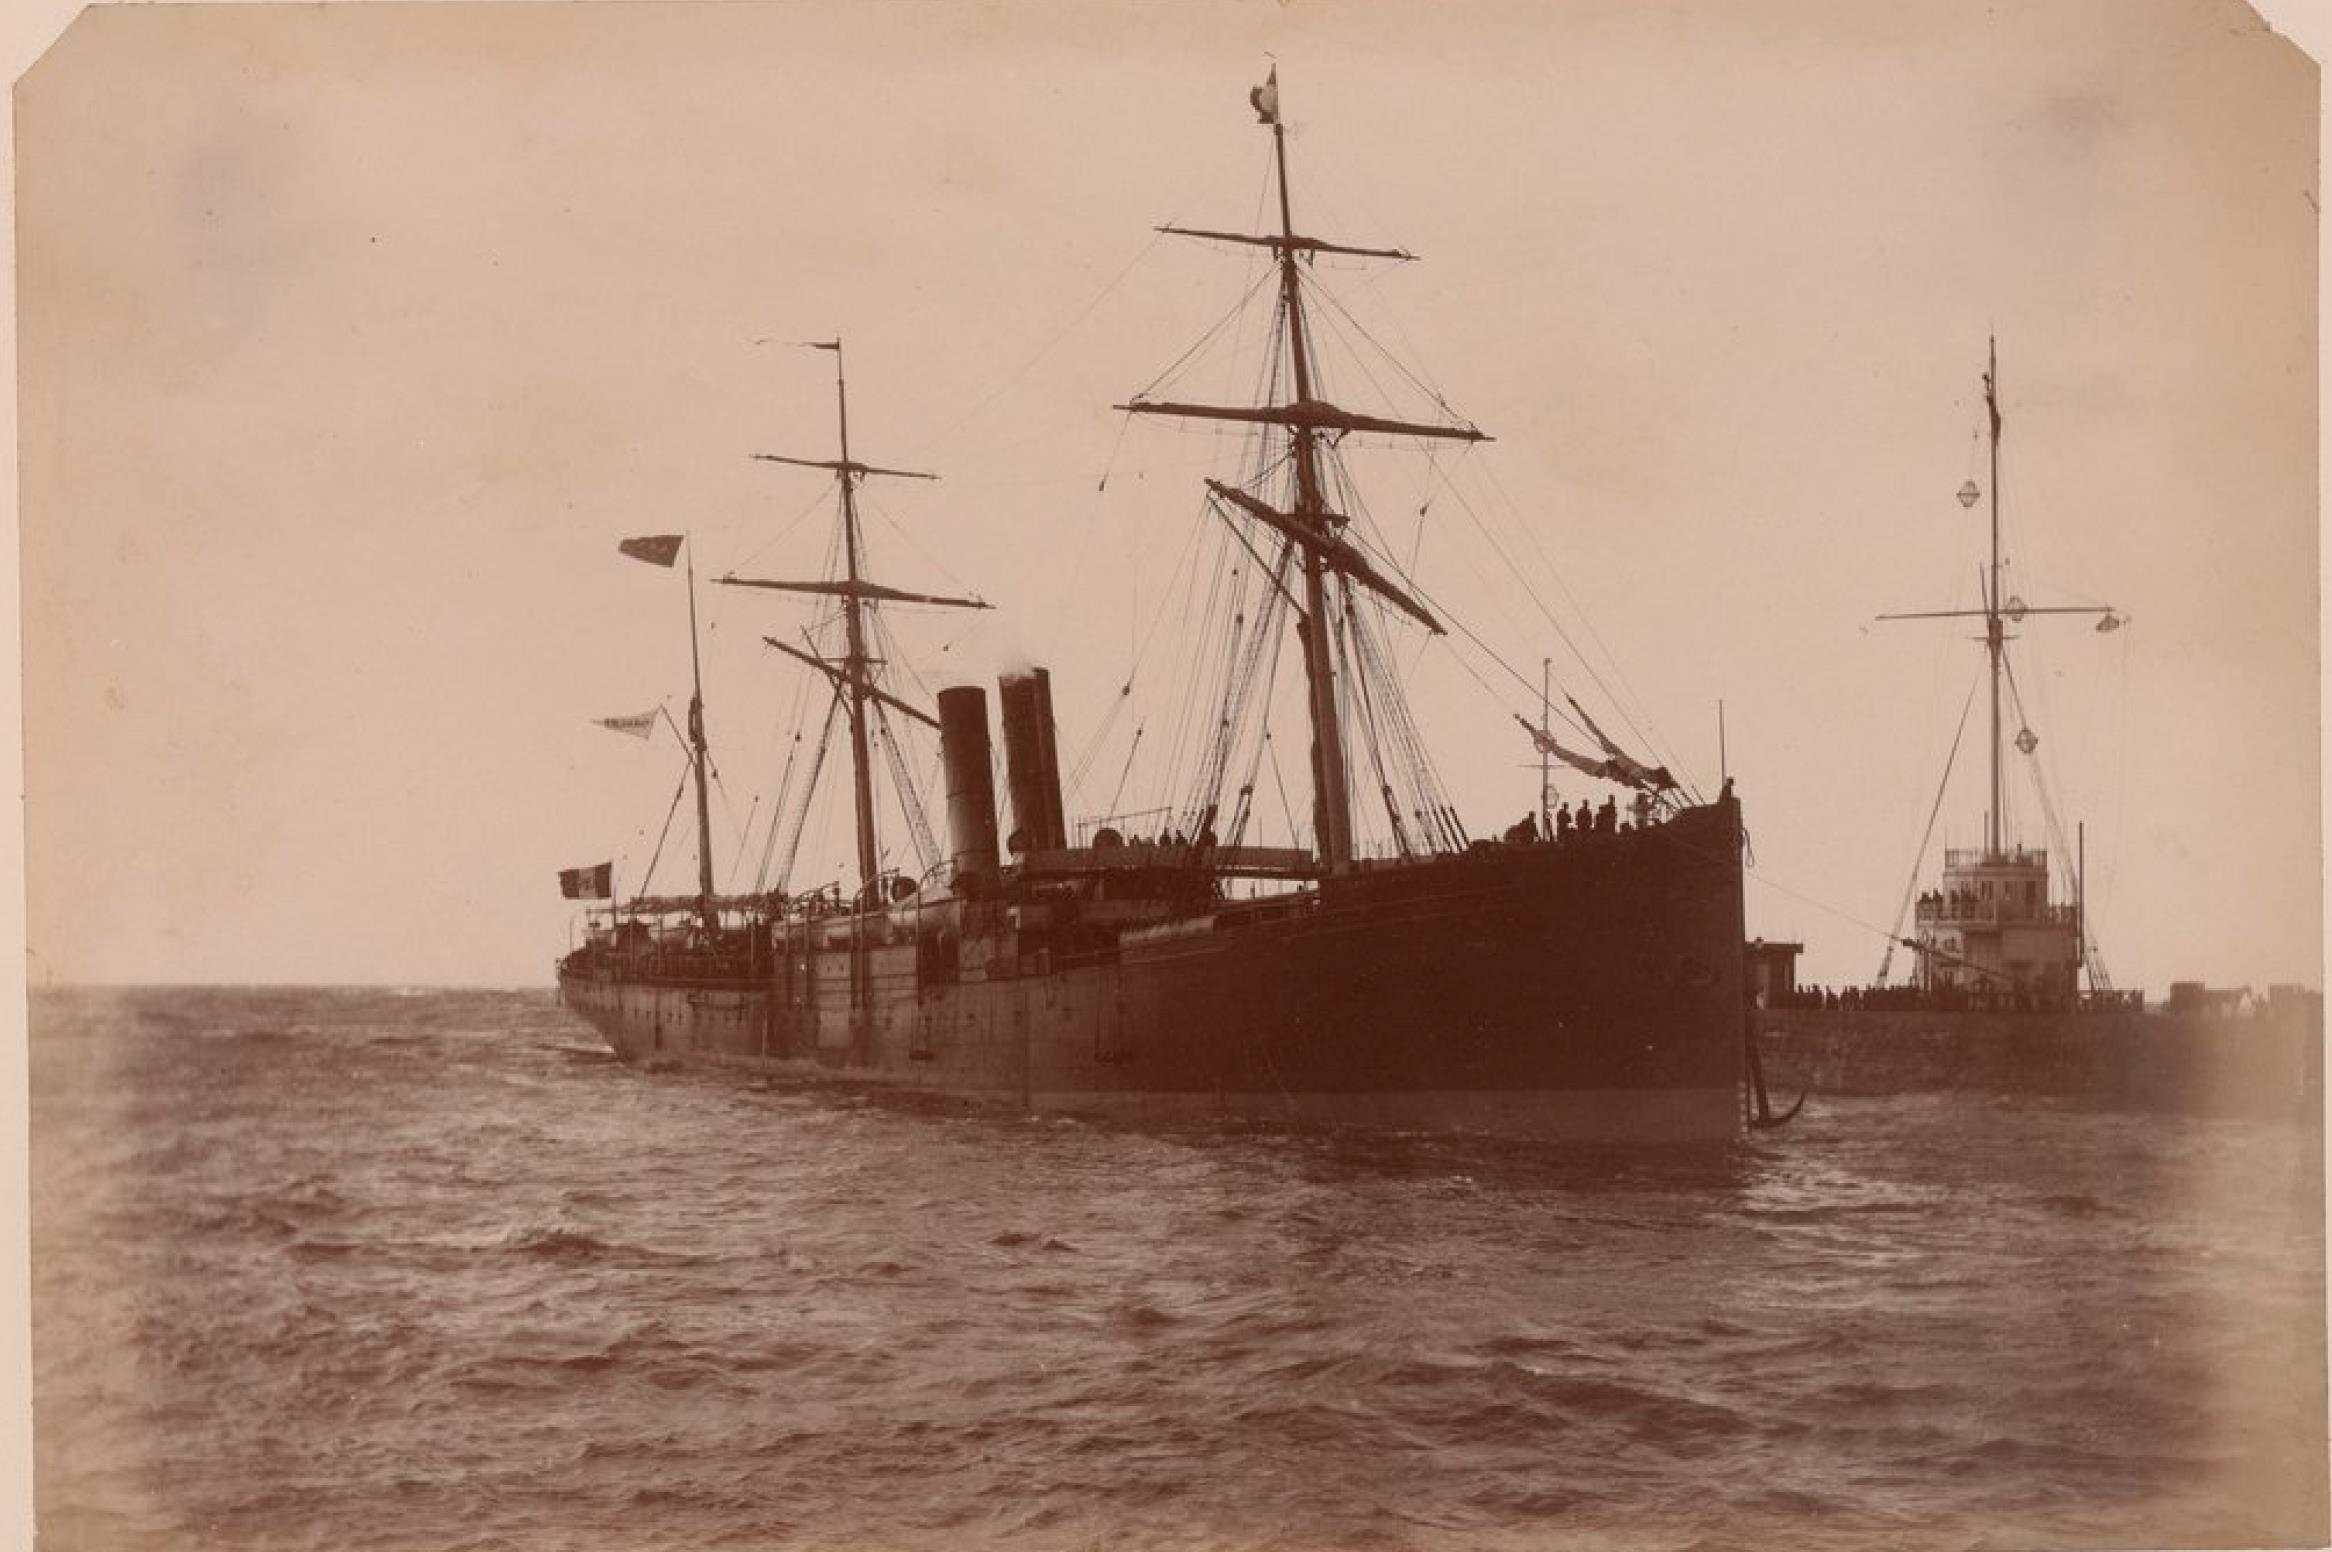 Мексиканская трансатлантическая компания. «Камаулипас». Линия Гавр - Вера-Круз. 19 ноября 1883